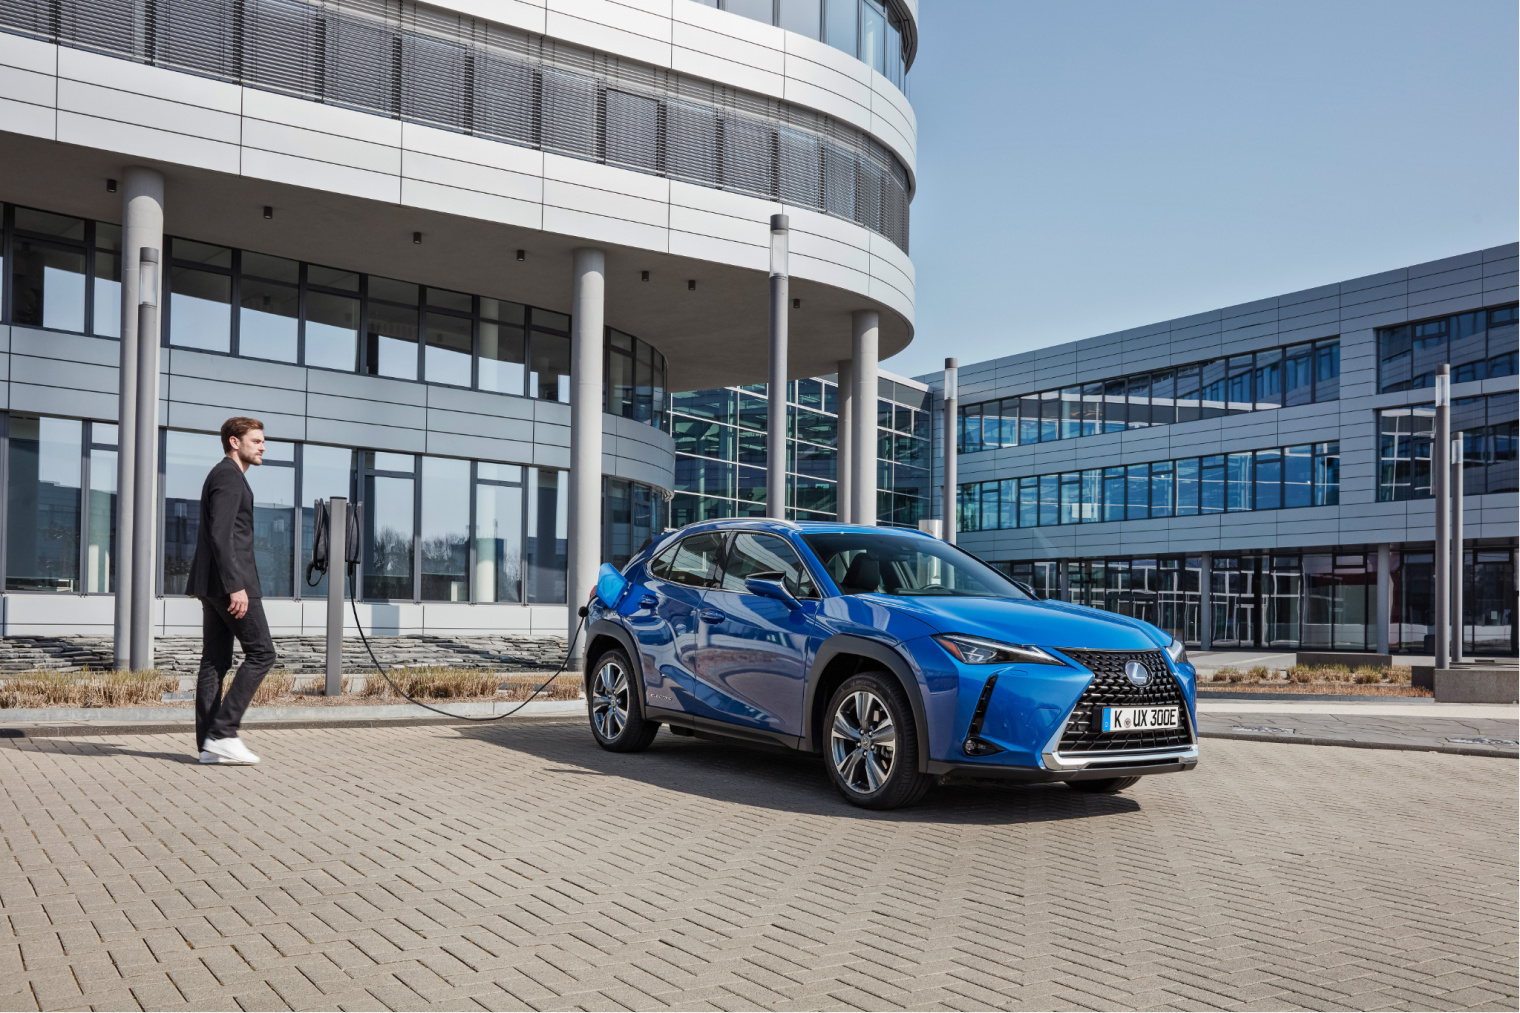 Dettagli-aerodinamici-nuova-Lexus-UX-elettrica